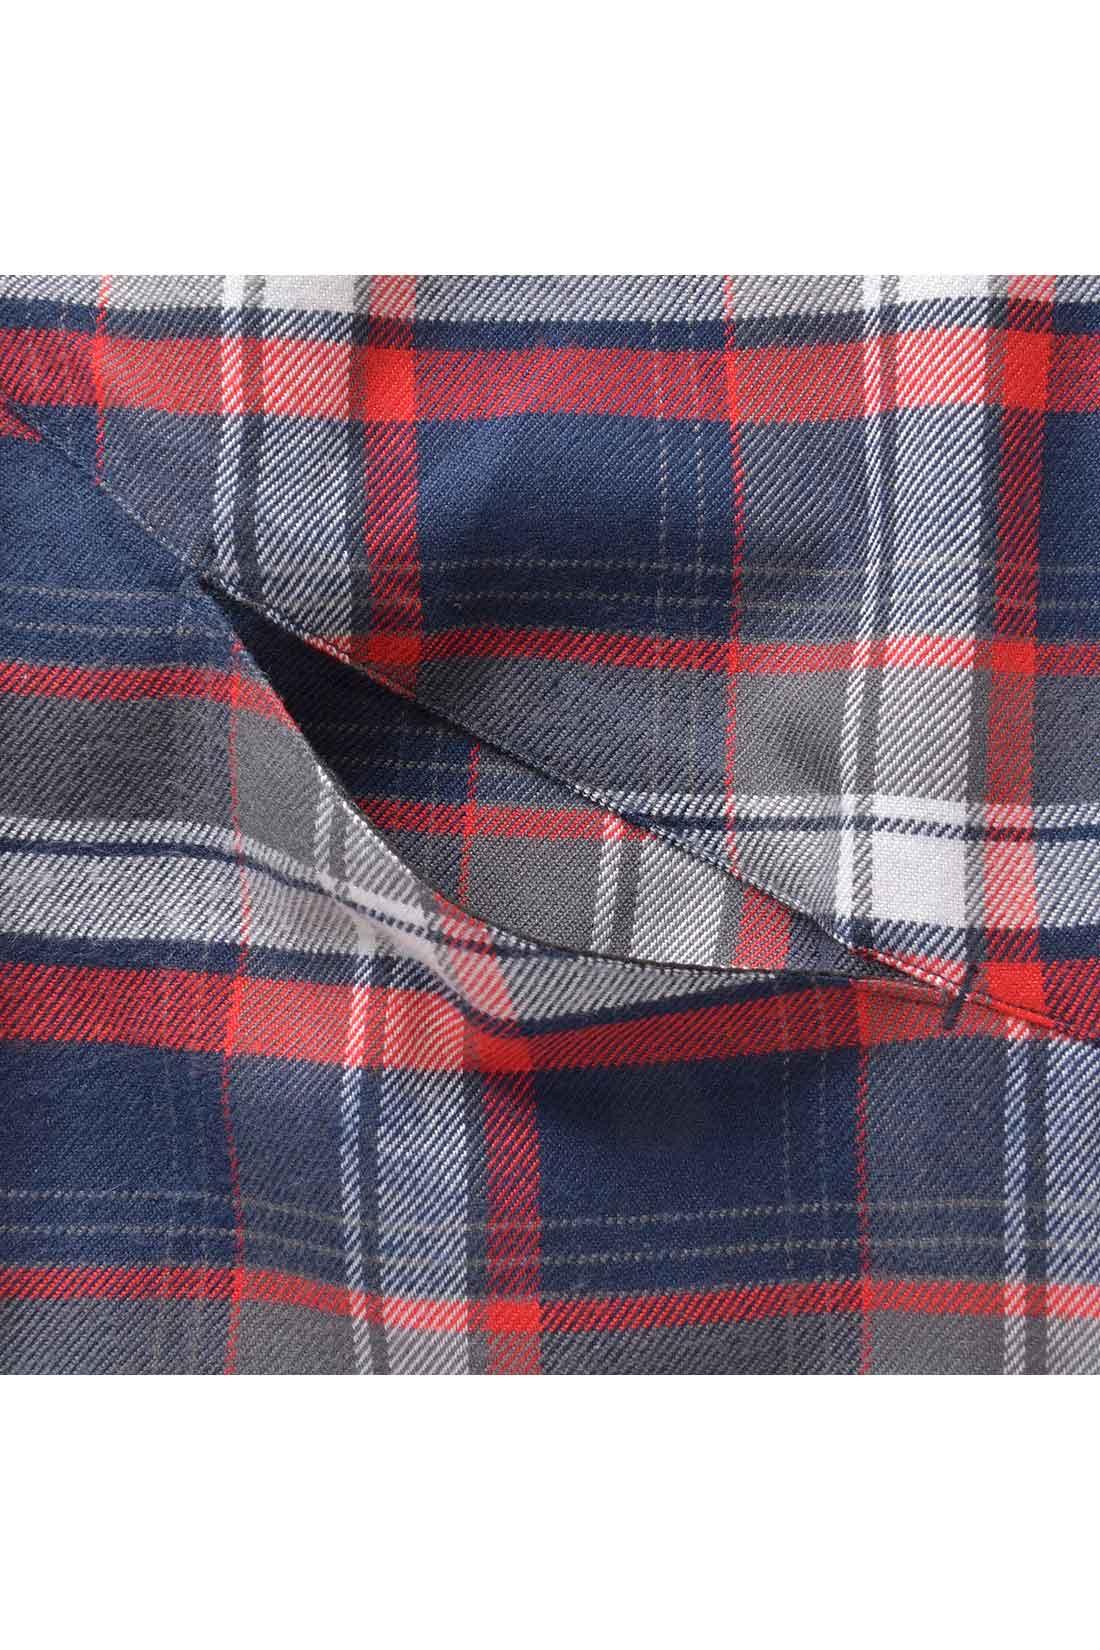 丸みをつけた切り替えは実はポケット。